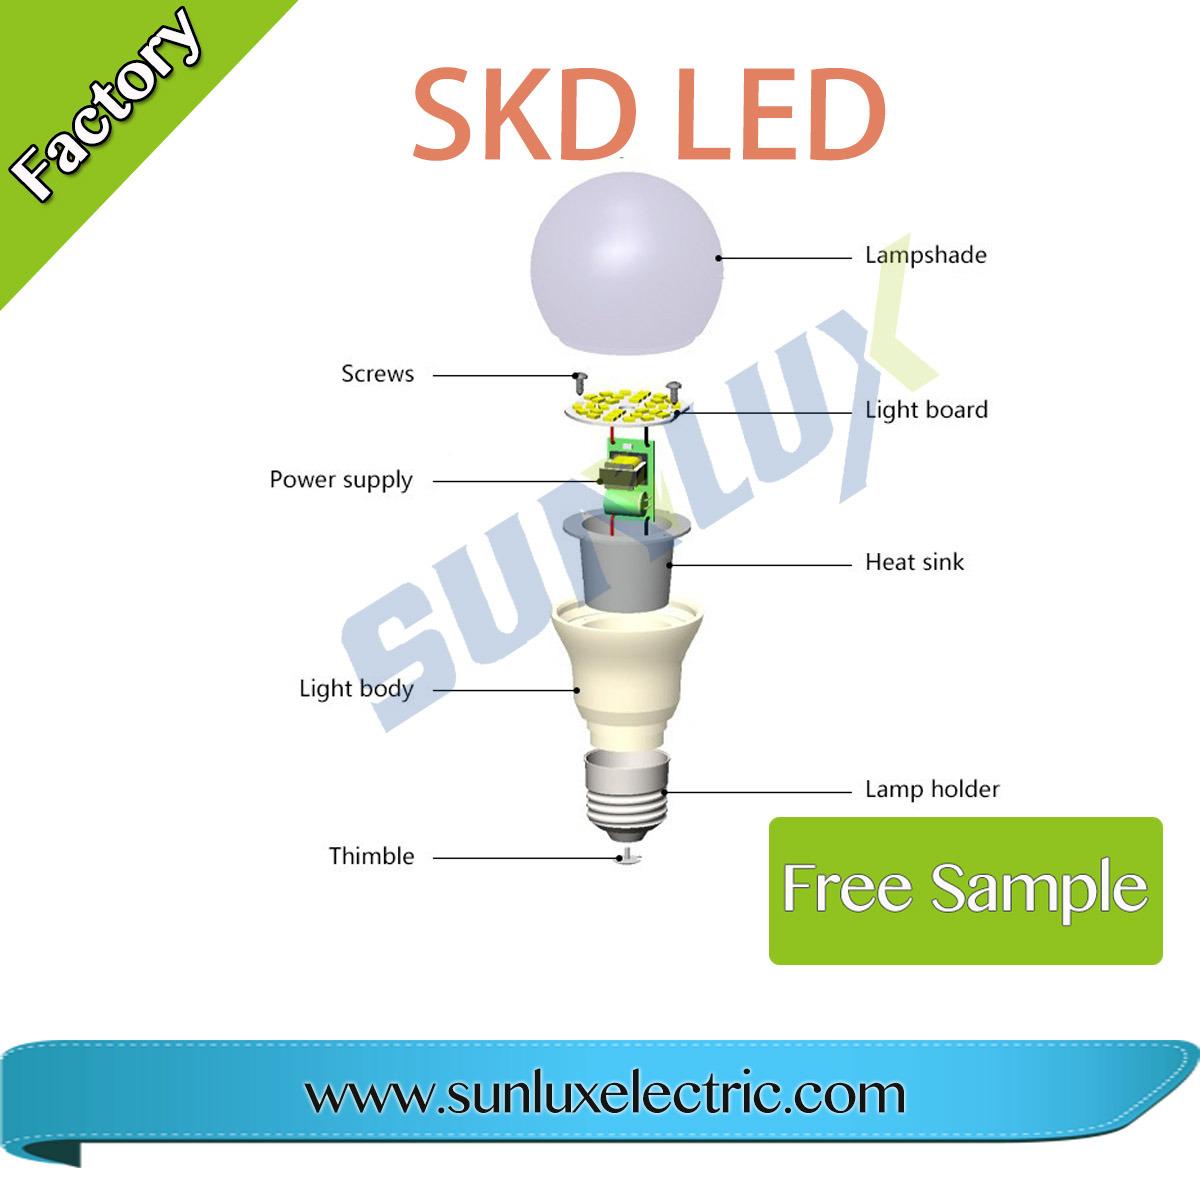 Skd 3 Parts Led Bulb 5w 7w 9w 12w 15w Raw Material